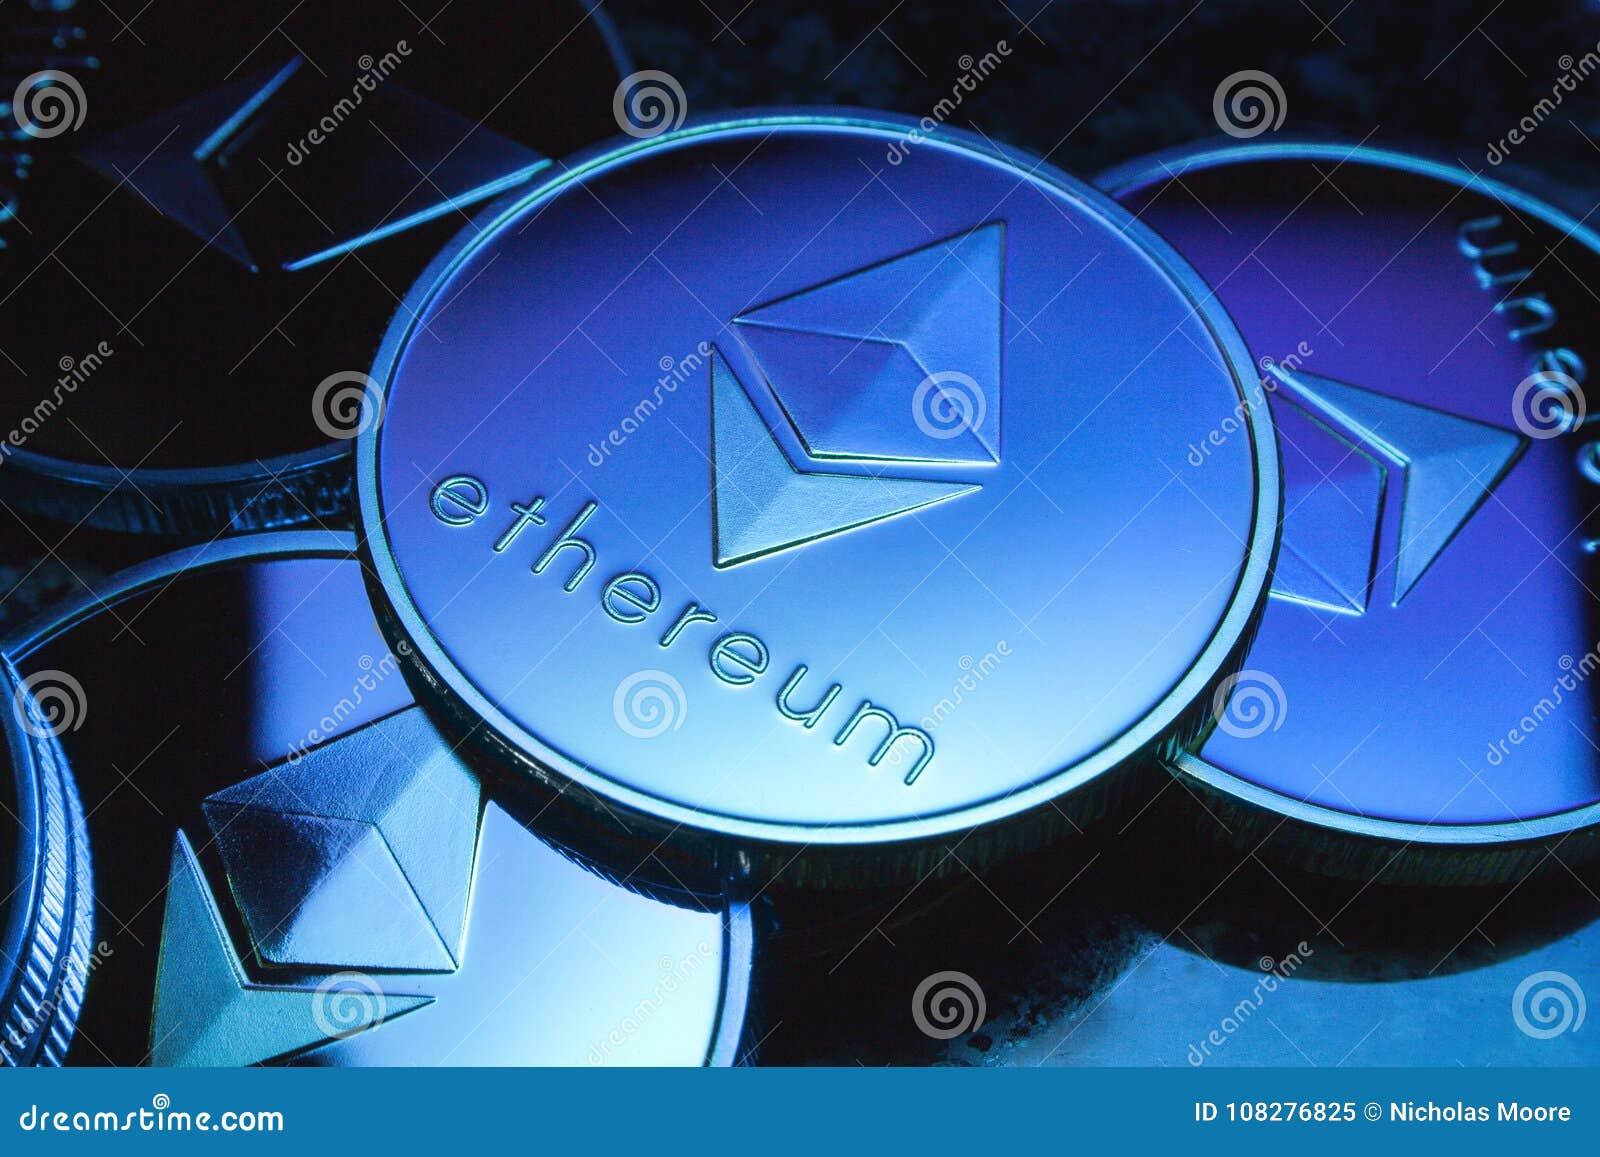 Ethereum-Münzen mit blauer Tönung